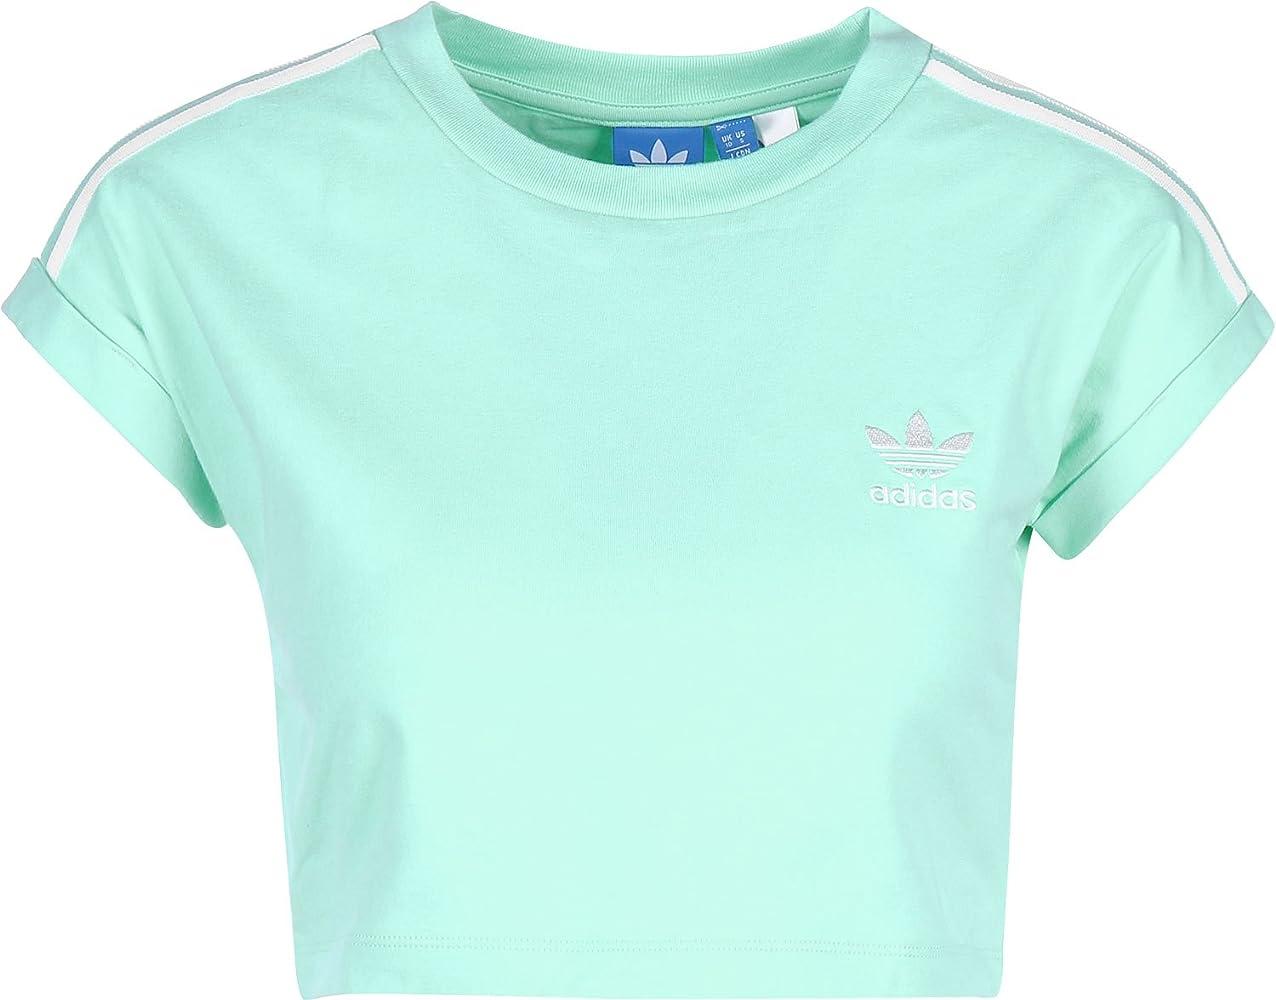 adidas Cropped Camiseta Top, Negro, Primavera/Verano, Mujer, Color Grün - (VERSEN), tamaño 40: Amazon.es: Ropa y accesorios